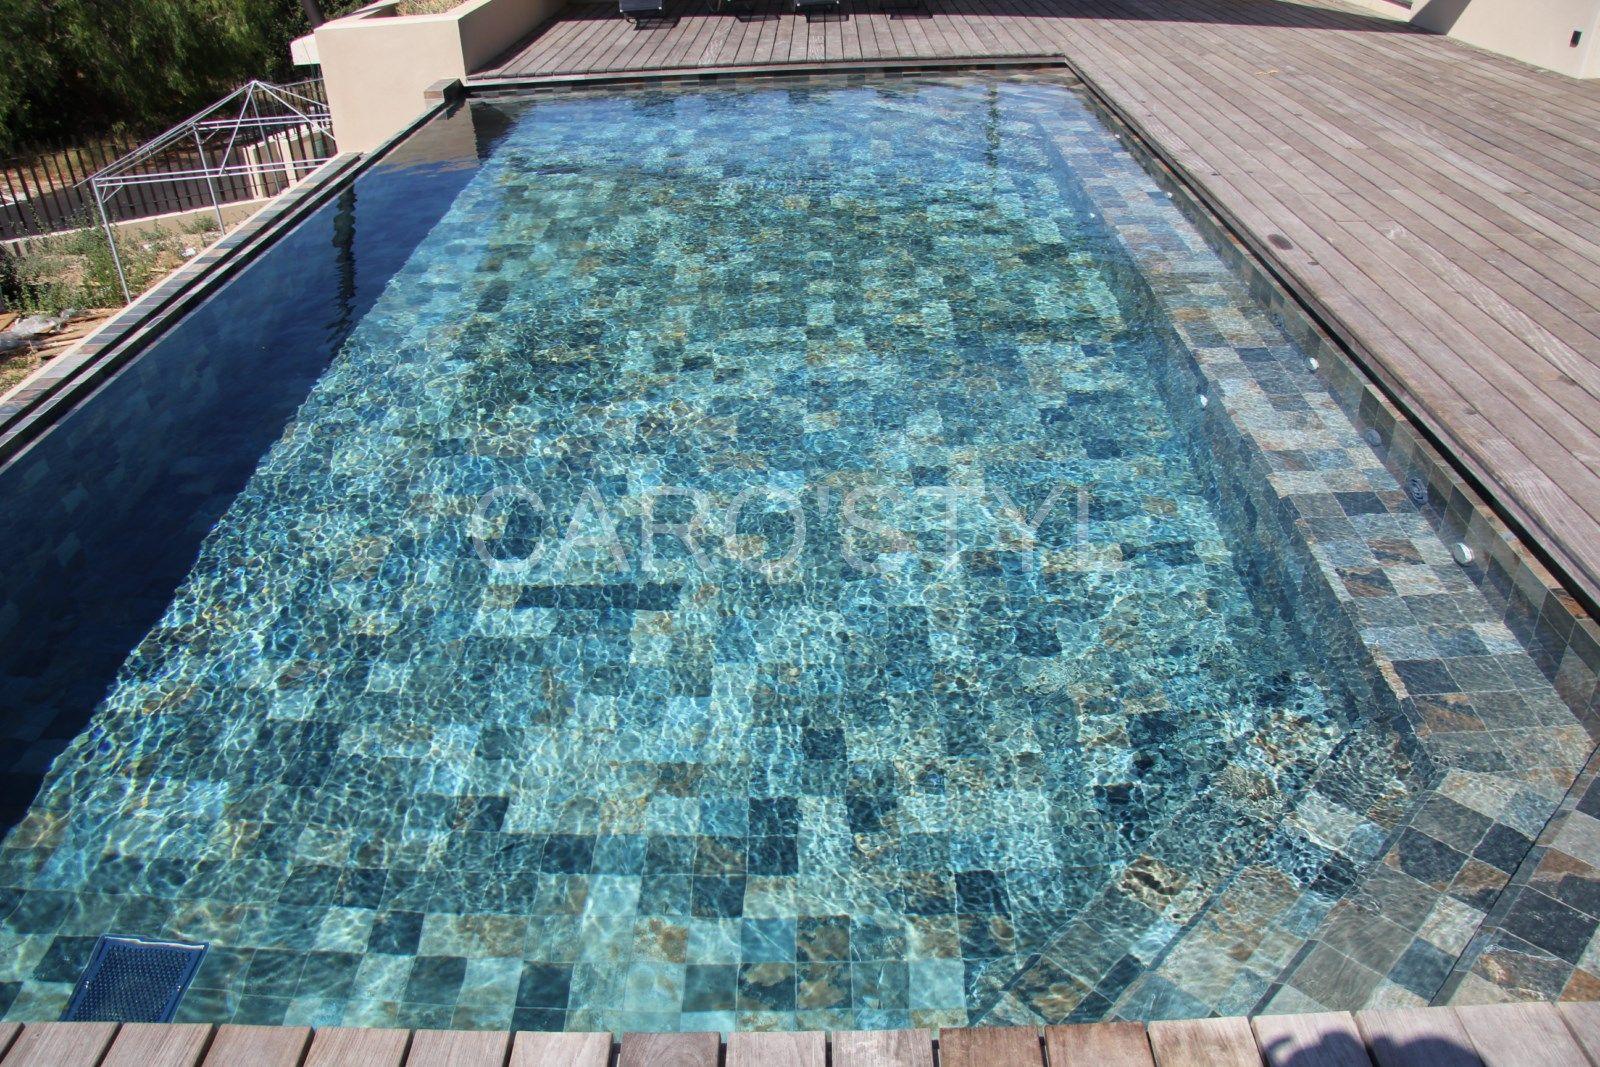 Carrelage Salle De Bain Pierre Bleue ~ pierre verte piscine piscine verte carrelage et salle de bain la